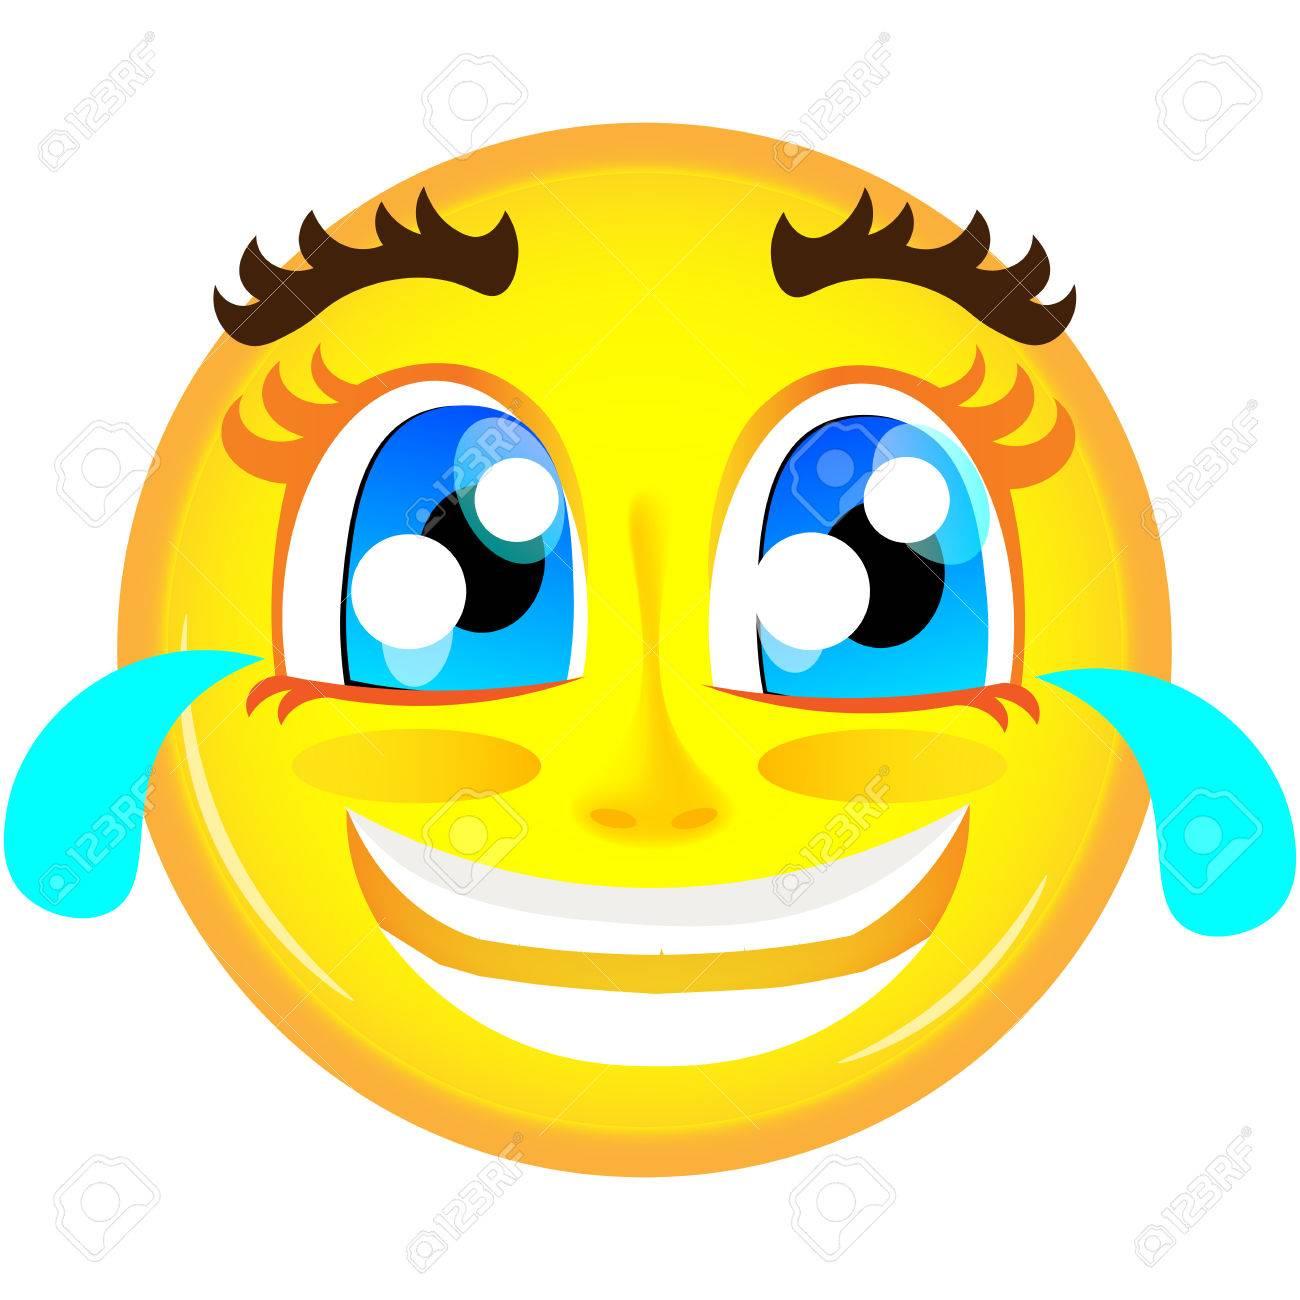 Emoticon De Rire Avec Des Larmes De Joie D Emoticone De Sourire Jaune Clip Art Libres De Droits Vecteurs Et Illustration Image 58949779